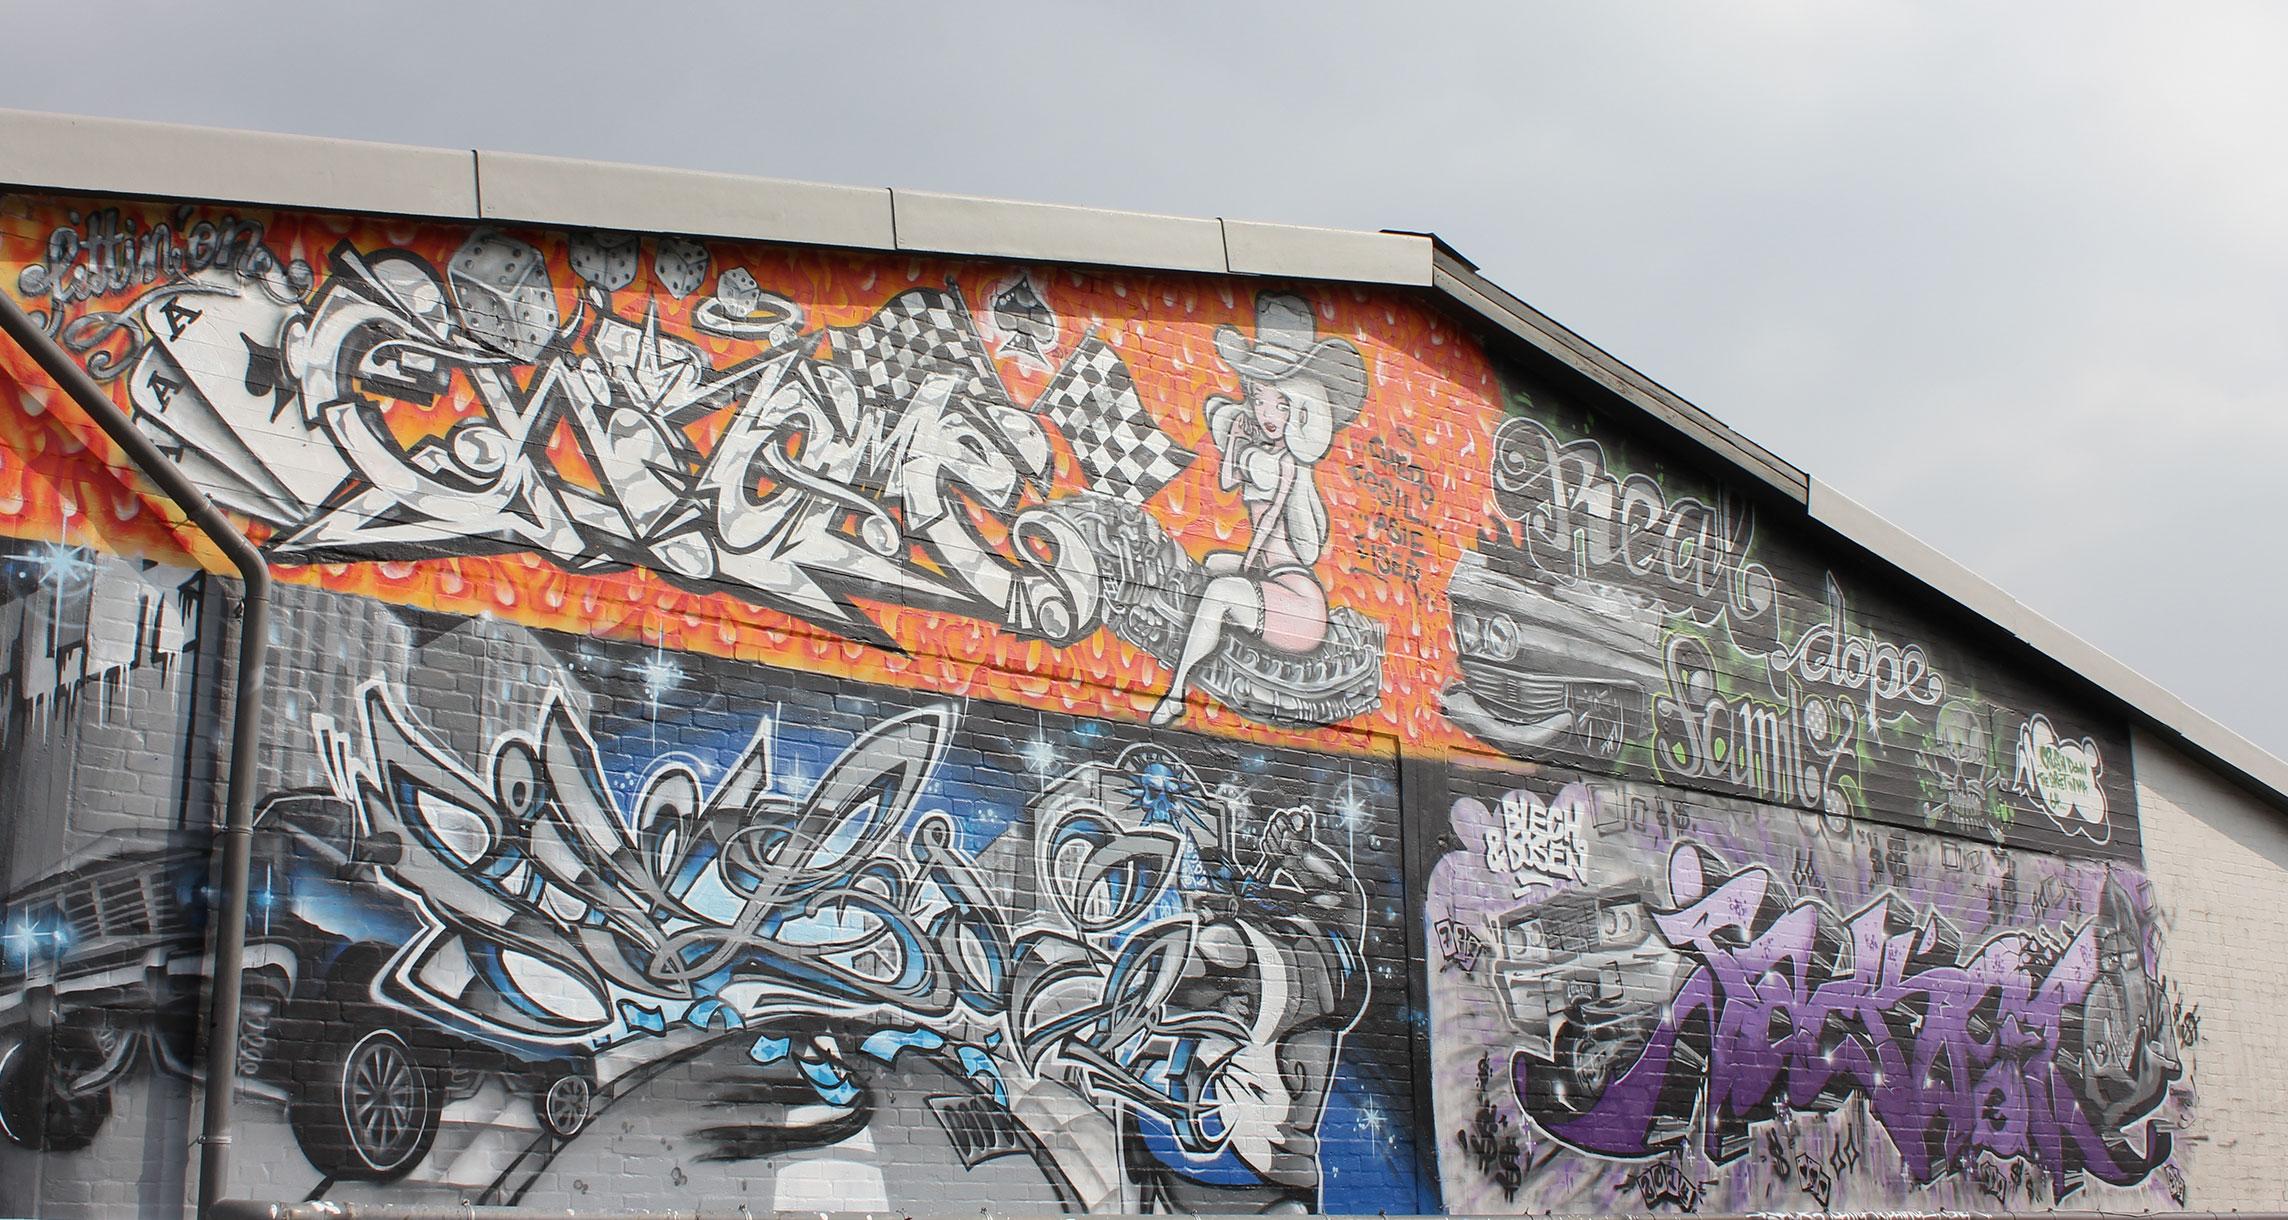 blech & dosen Event Graffiti